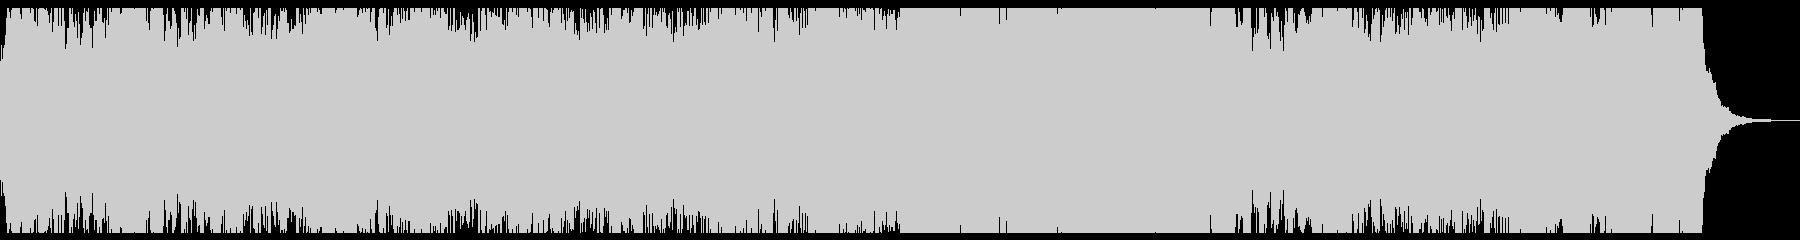 シンセリードによる宇宙遊泳アンビエントの未再生の波形